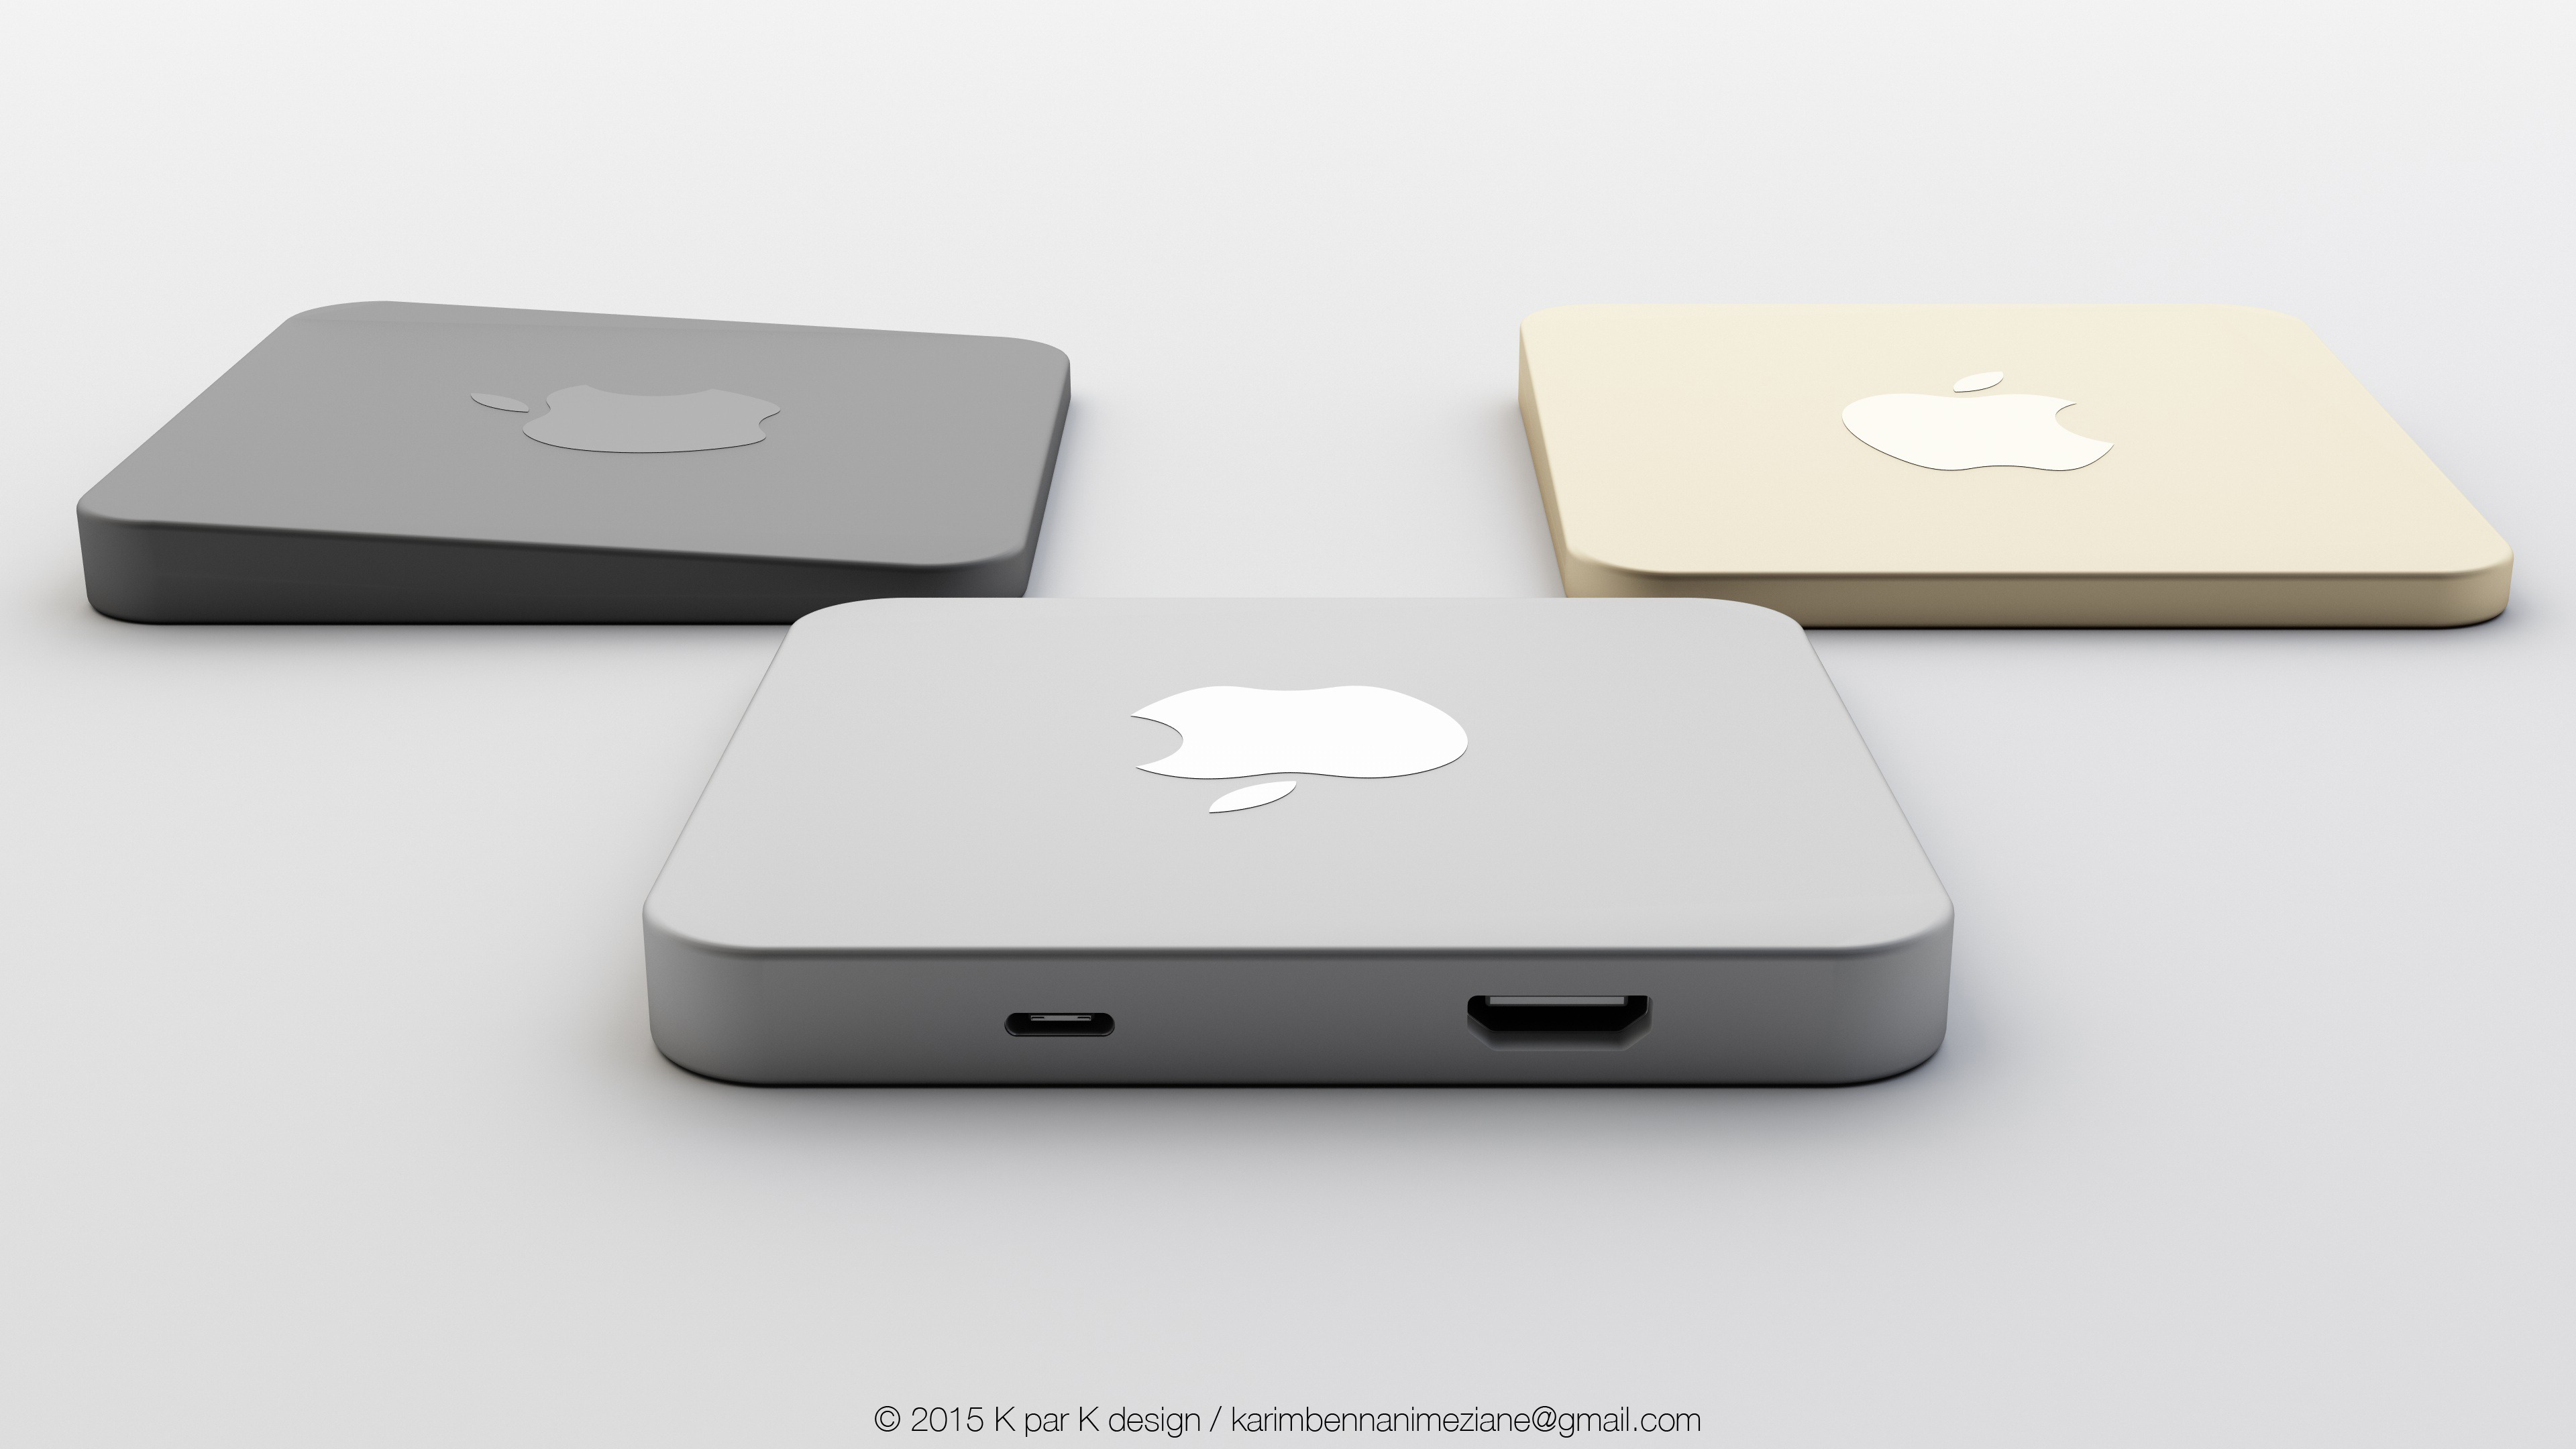 AppleTV Concept 2015 STUDIO 05 C Finalement, pas de nouvelle Apple TV à la WWDC 2015 !